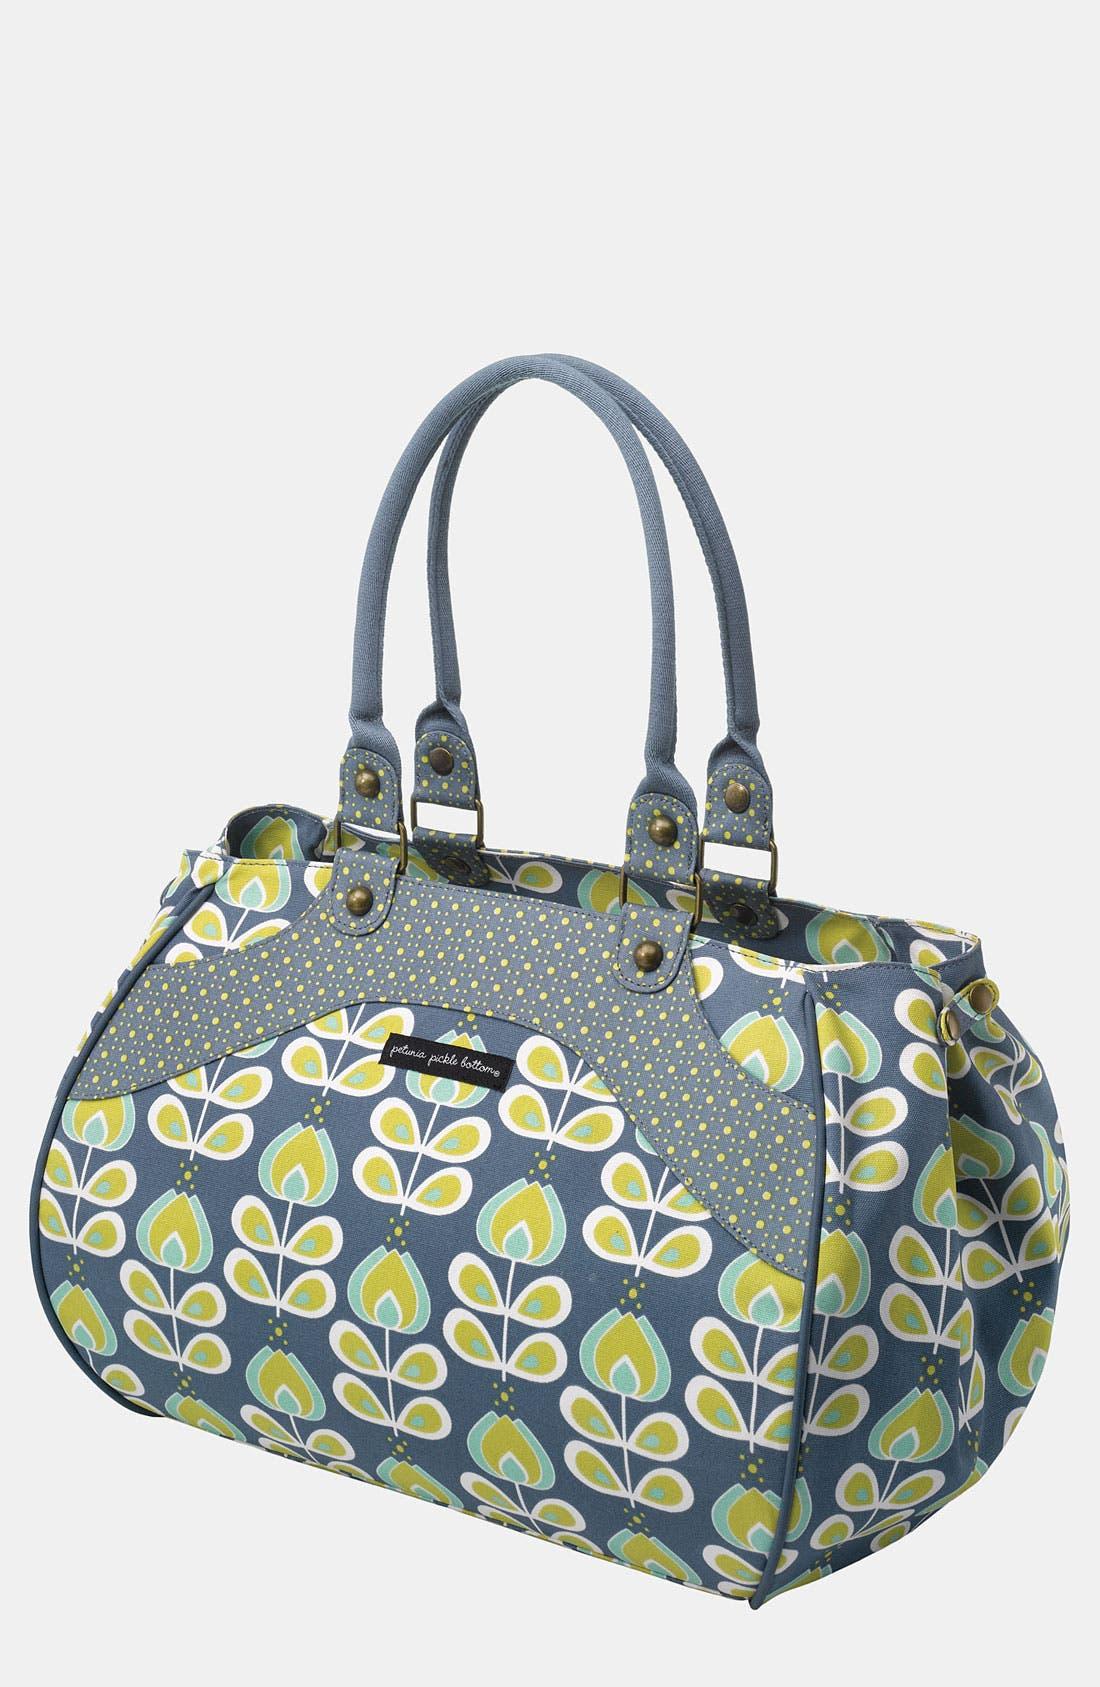 Alternate Image 1 Selected - Petunia Pickle Bottom 'Wistful' Diaper Bag